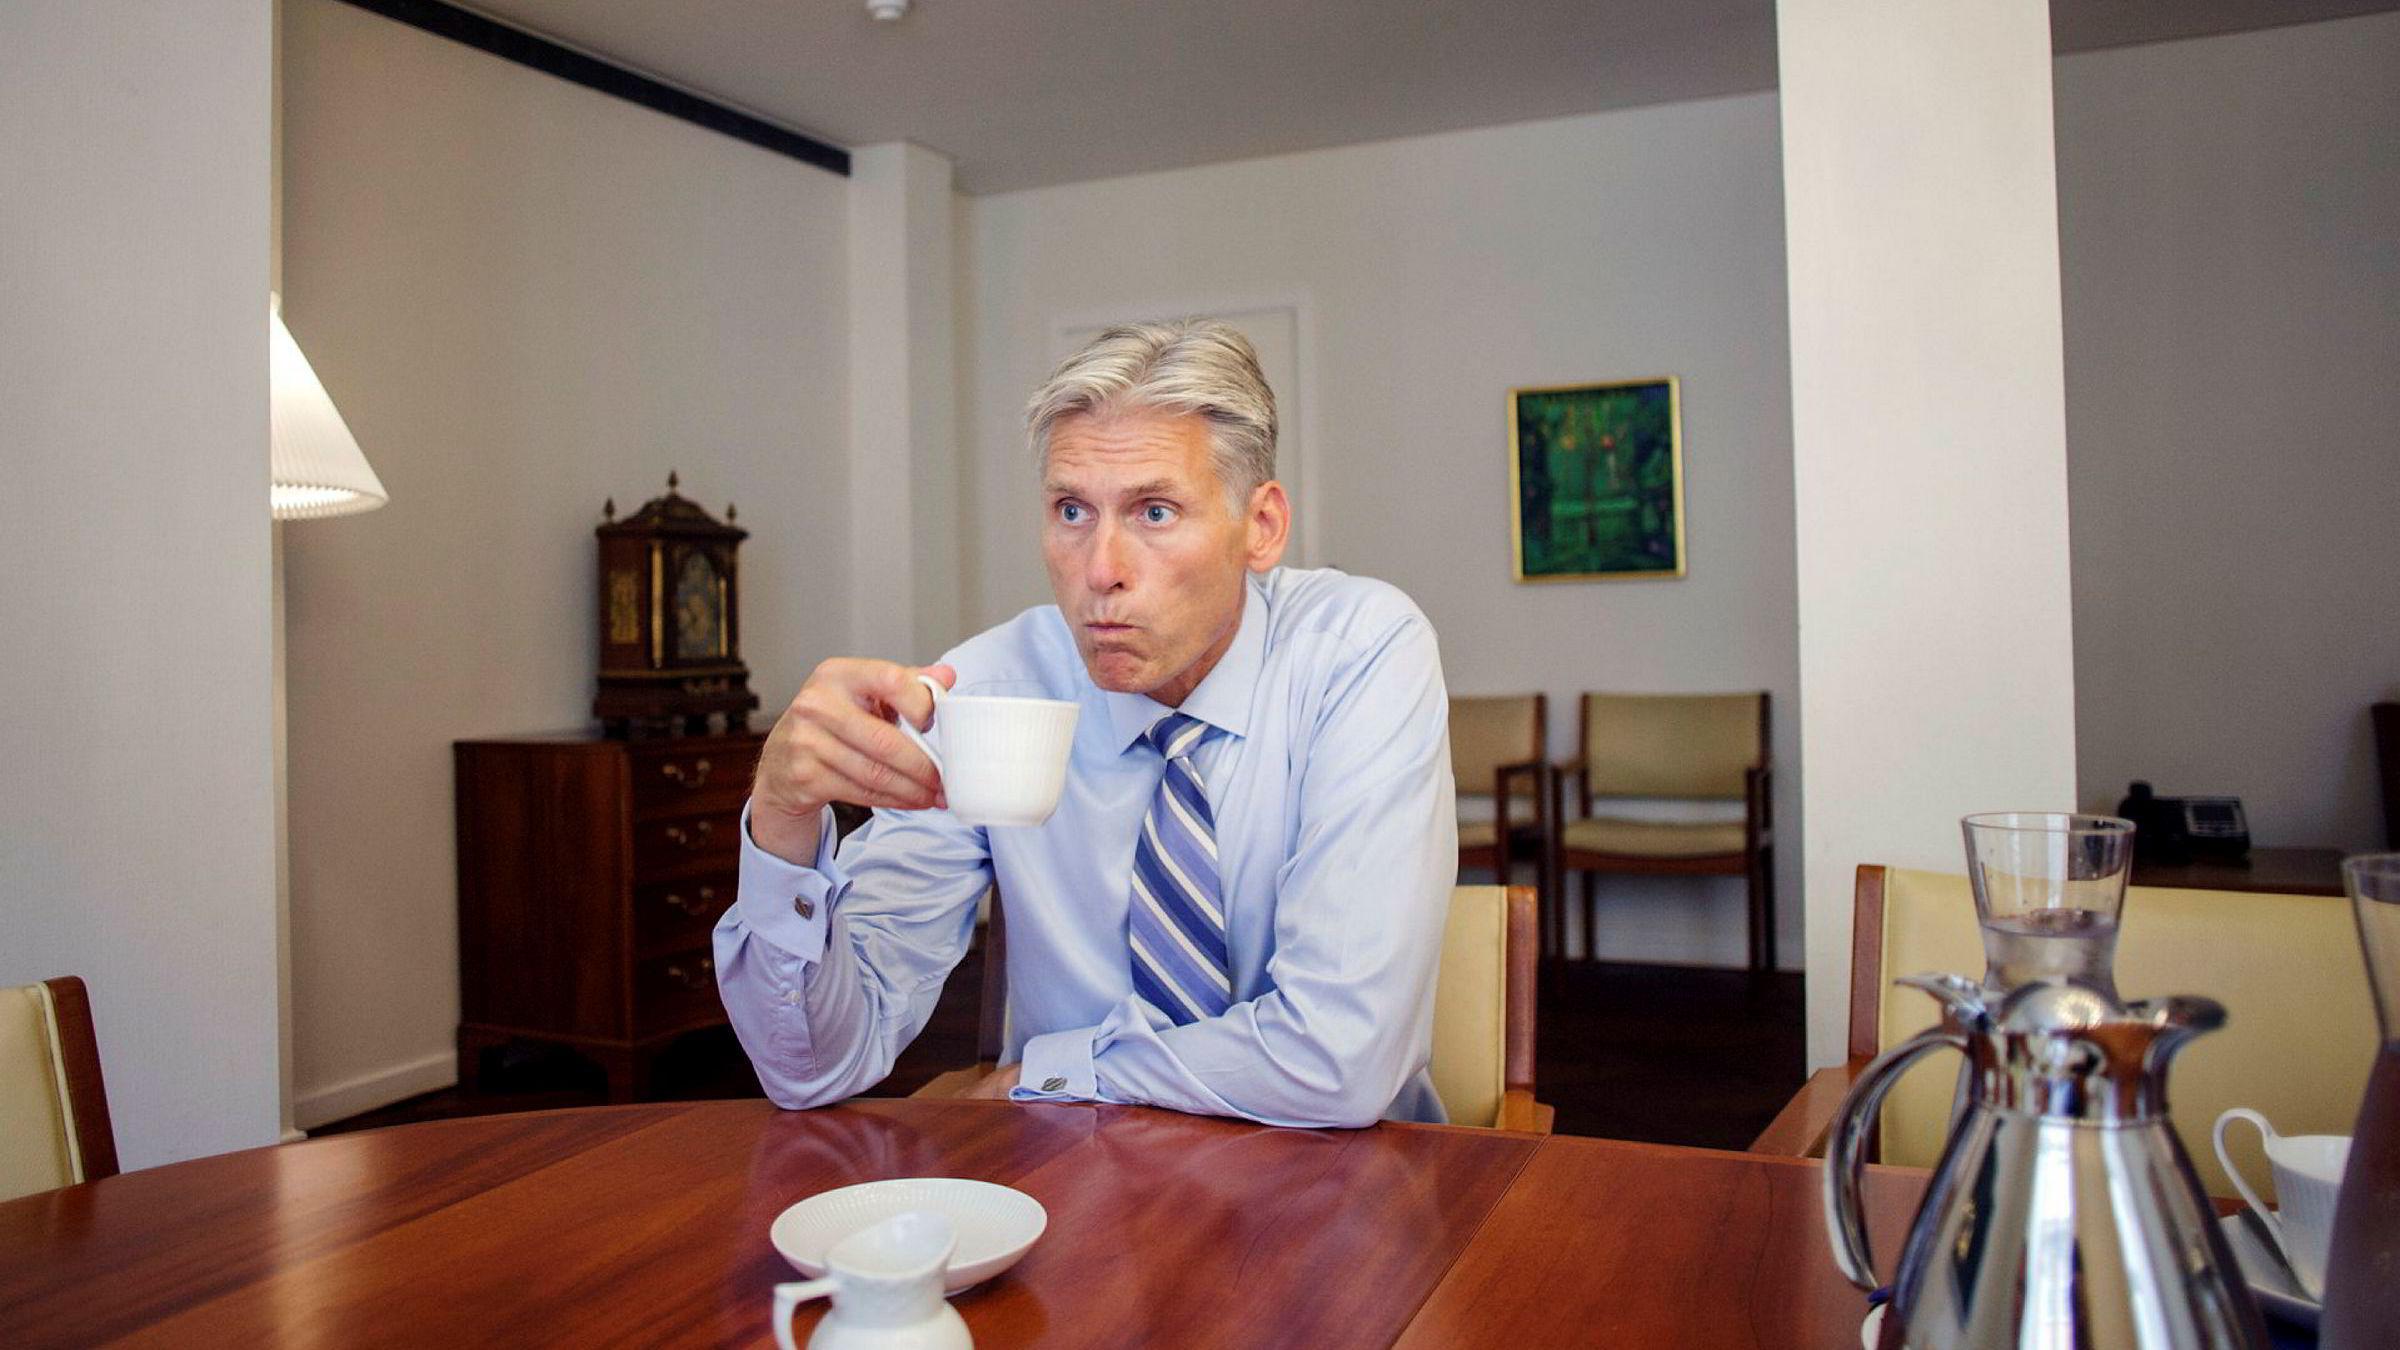 Tidligere Danske Bank-sjef Thomas Borgen er nå saksøkt personlig etter hvitvaskingsskandalen i banken. Banken avviser å dekke advokatkostnader.